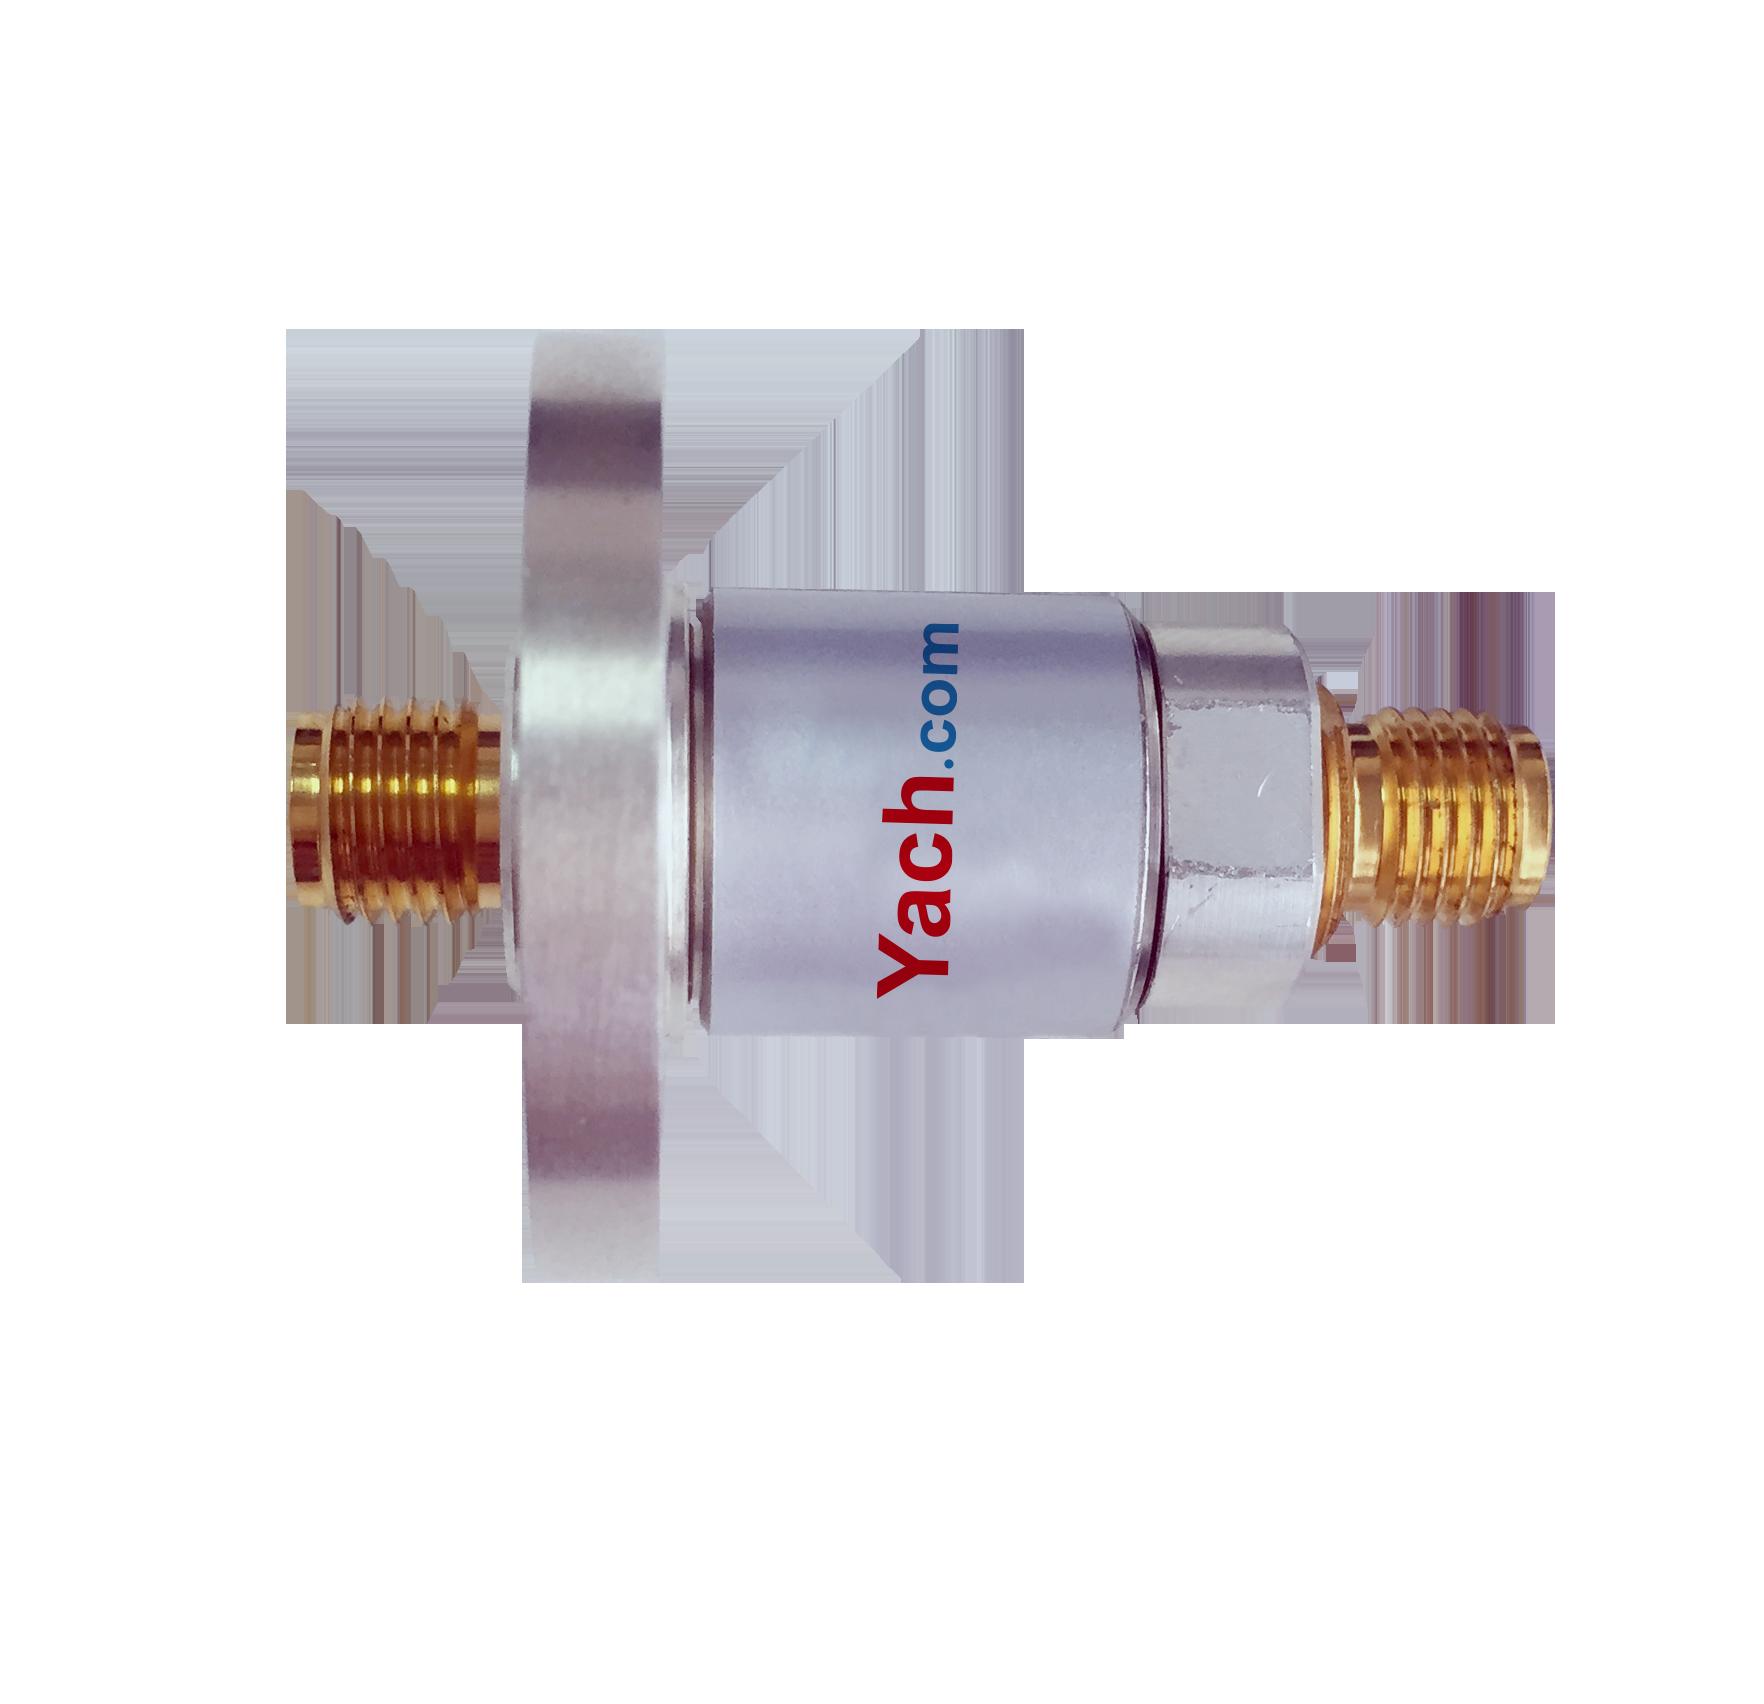 单路同轴旋转关节RJ518031 [DC to 26.5 GHz] 1.5-3.5 母头